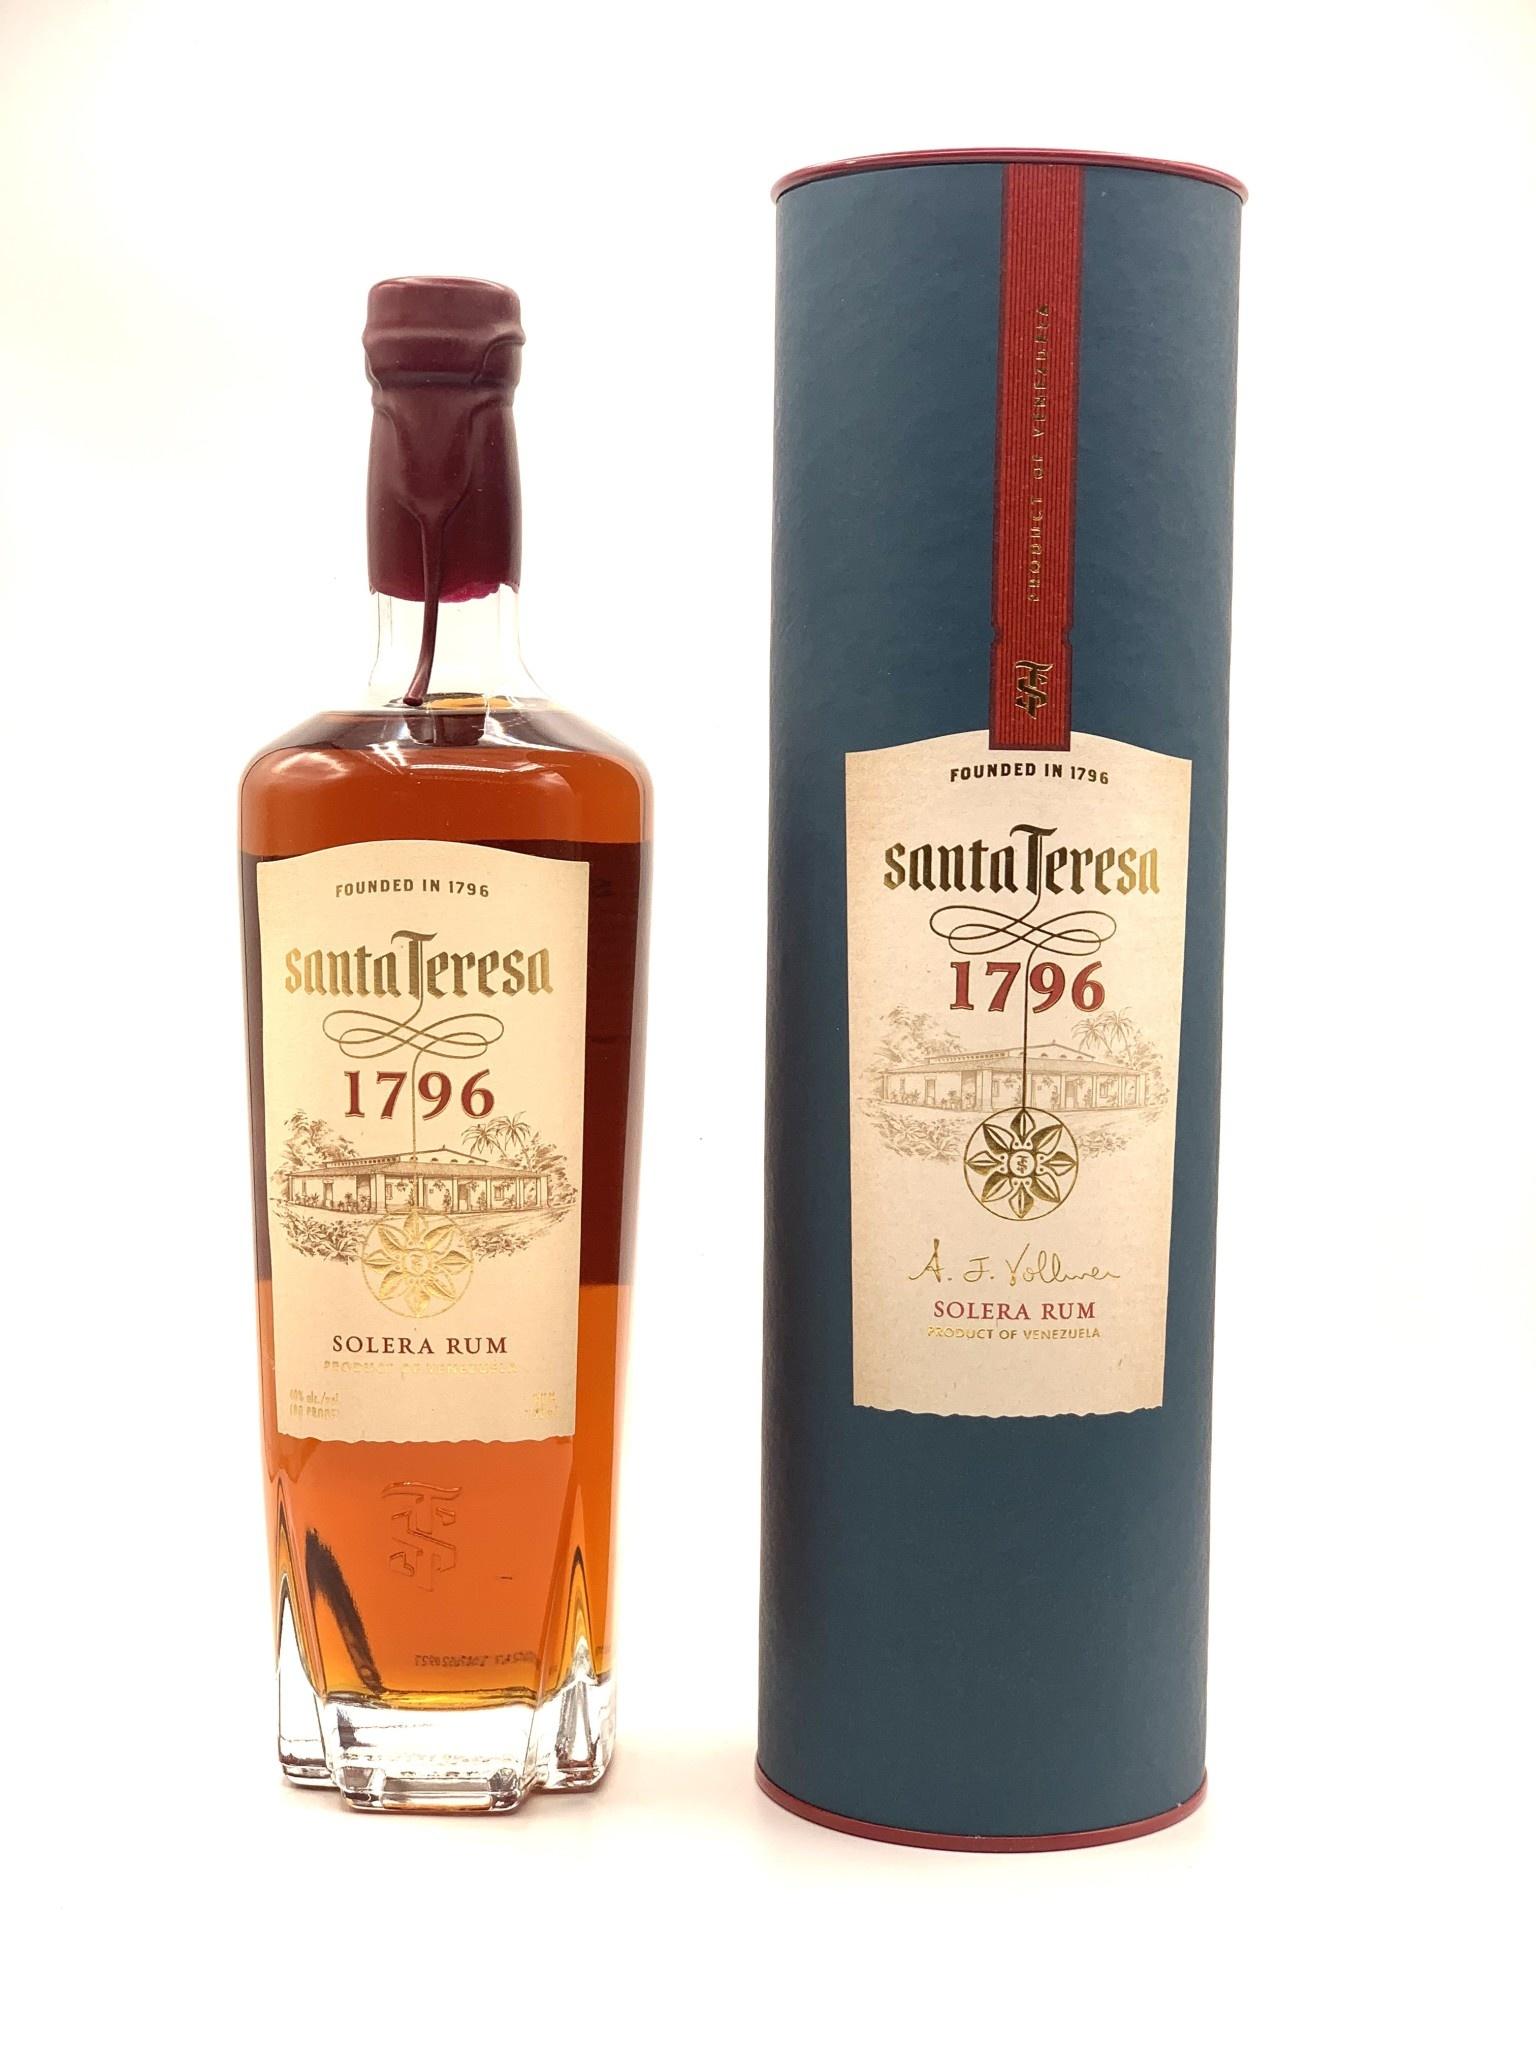 Santa Teresa 1796 Ron Antiguo de Solera Rum 750ml (80 Proof)